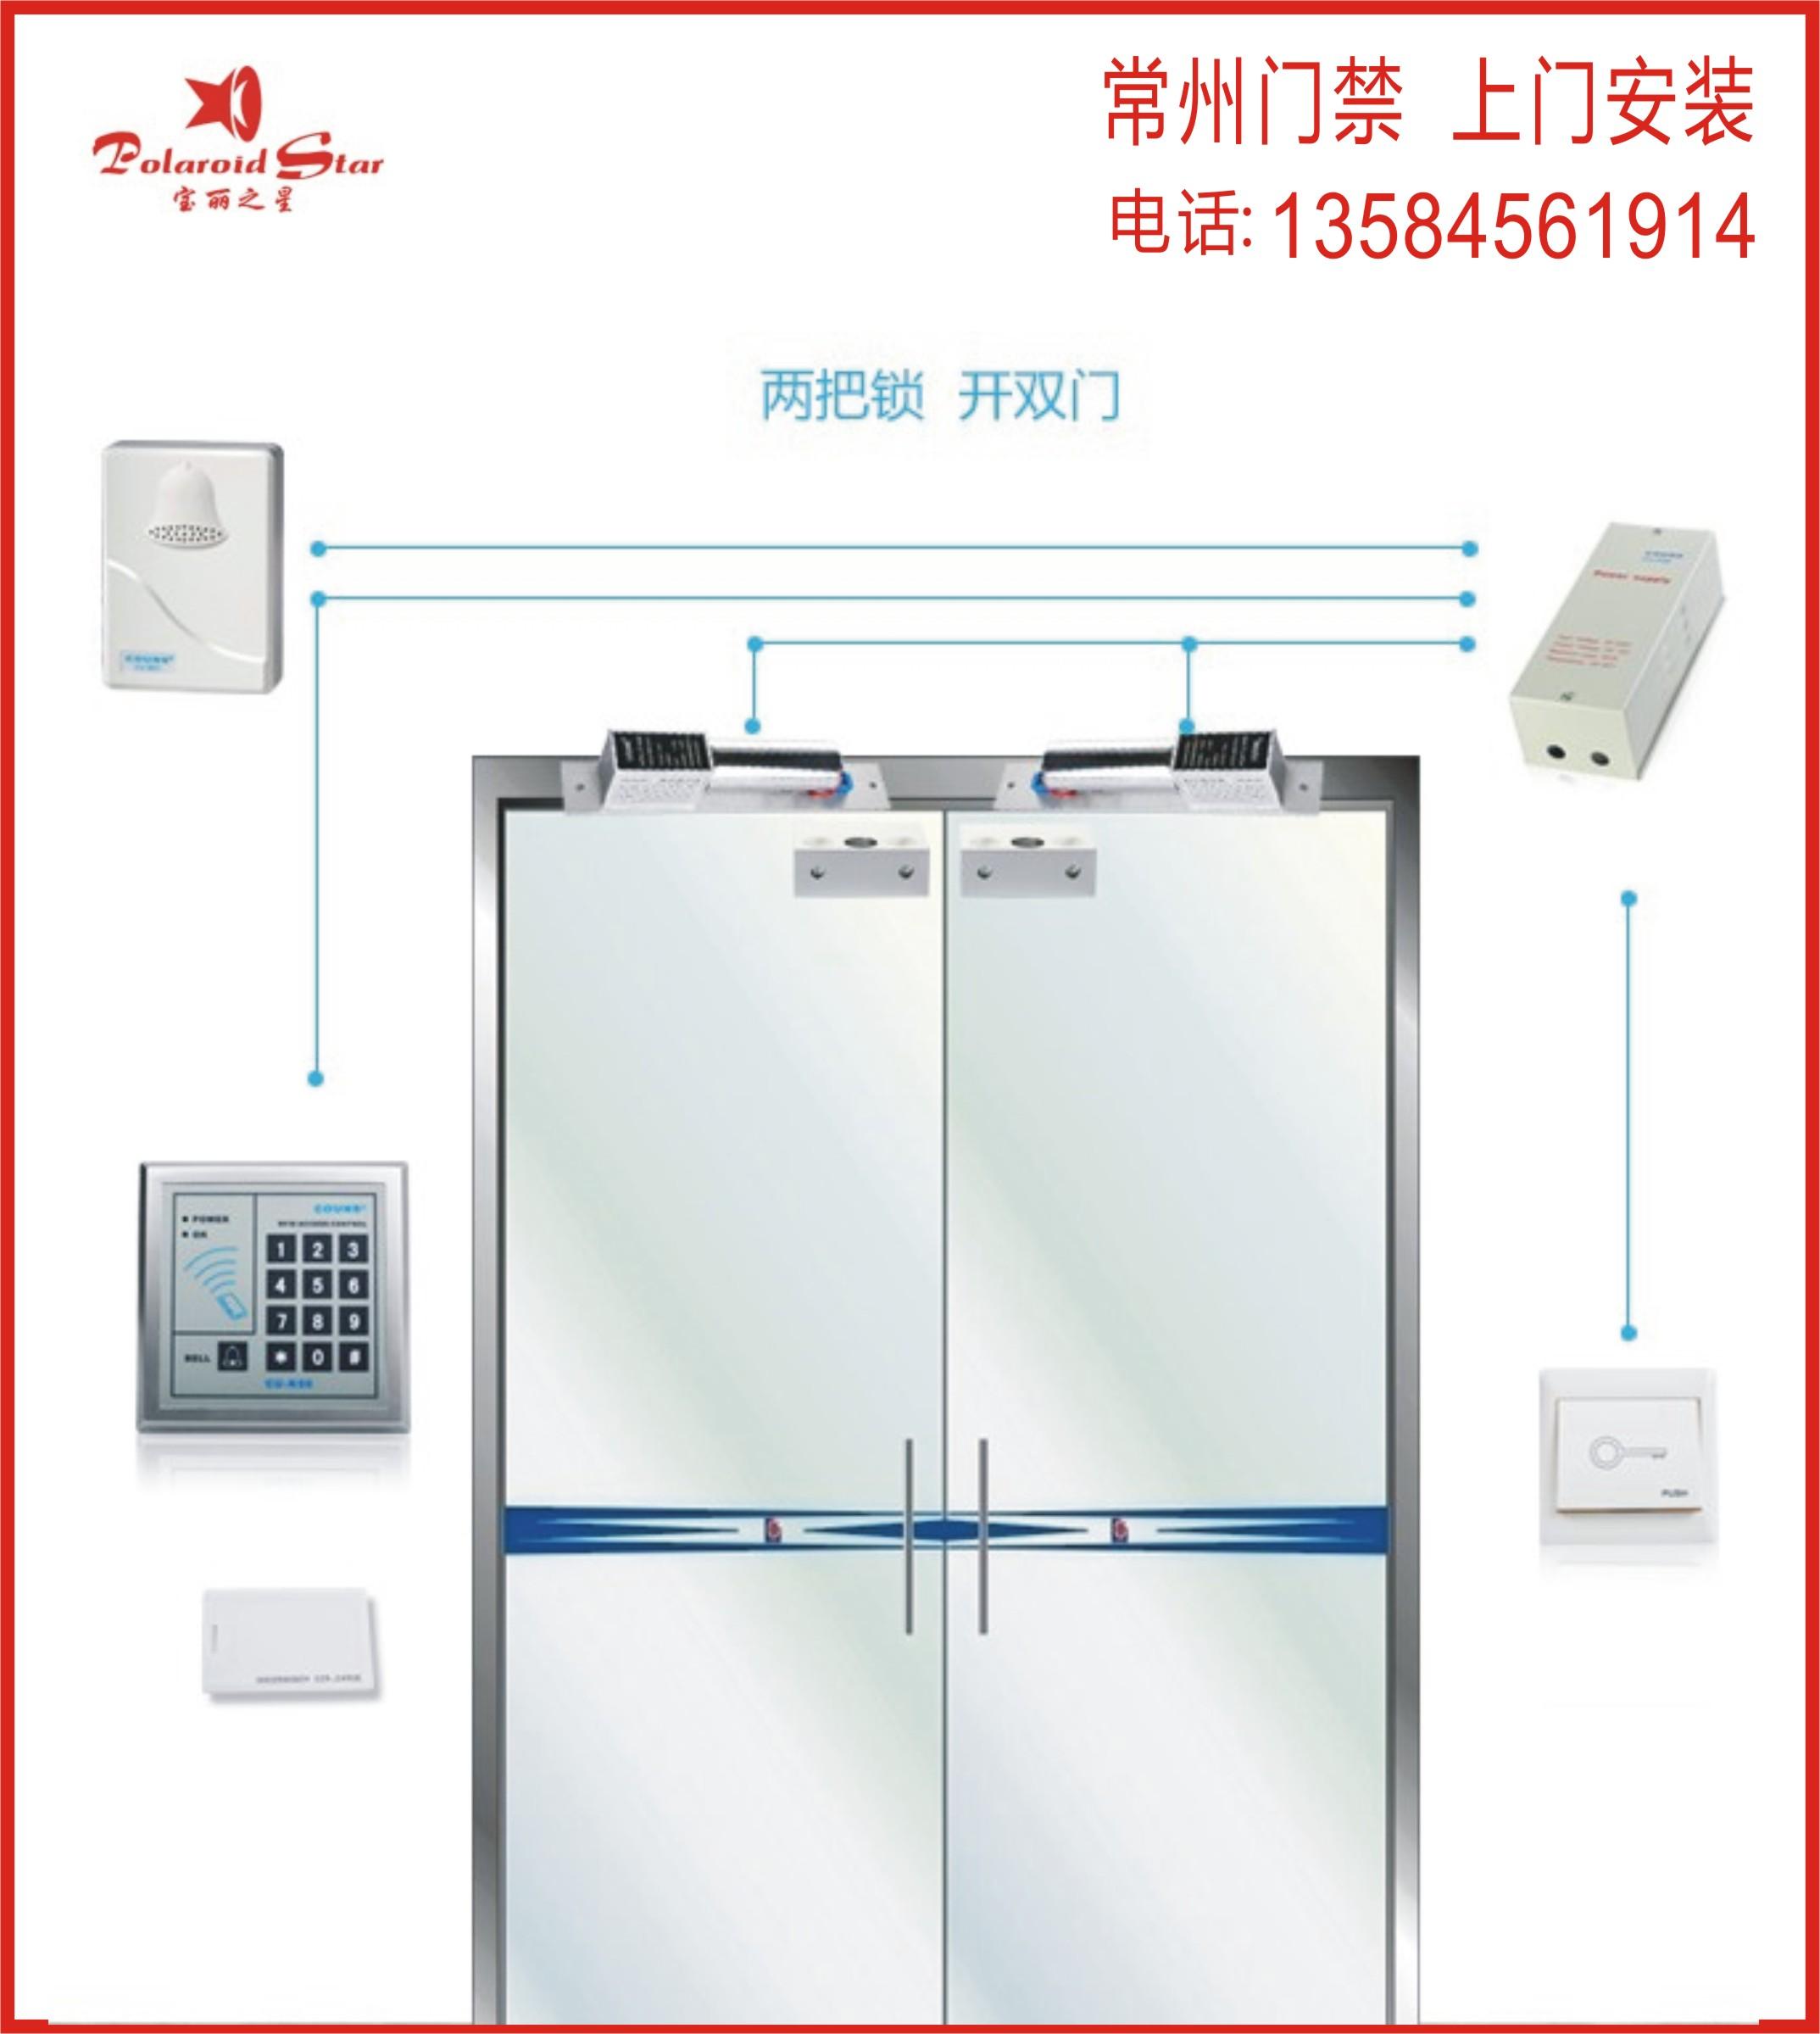 Чанчжоу контроля доступа, системы контроля доступа, стекла двойные двери Контроллер доступа весь костюм магнитный запереть дверь запрет костюм